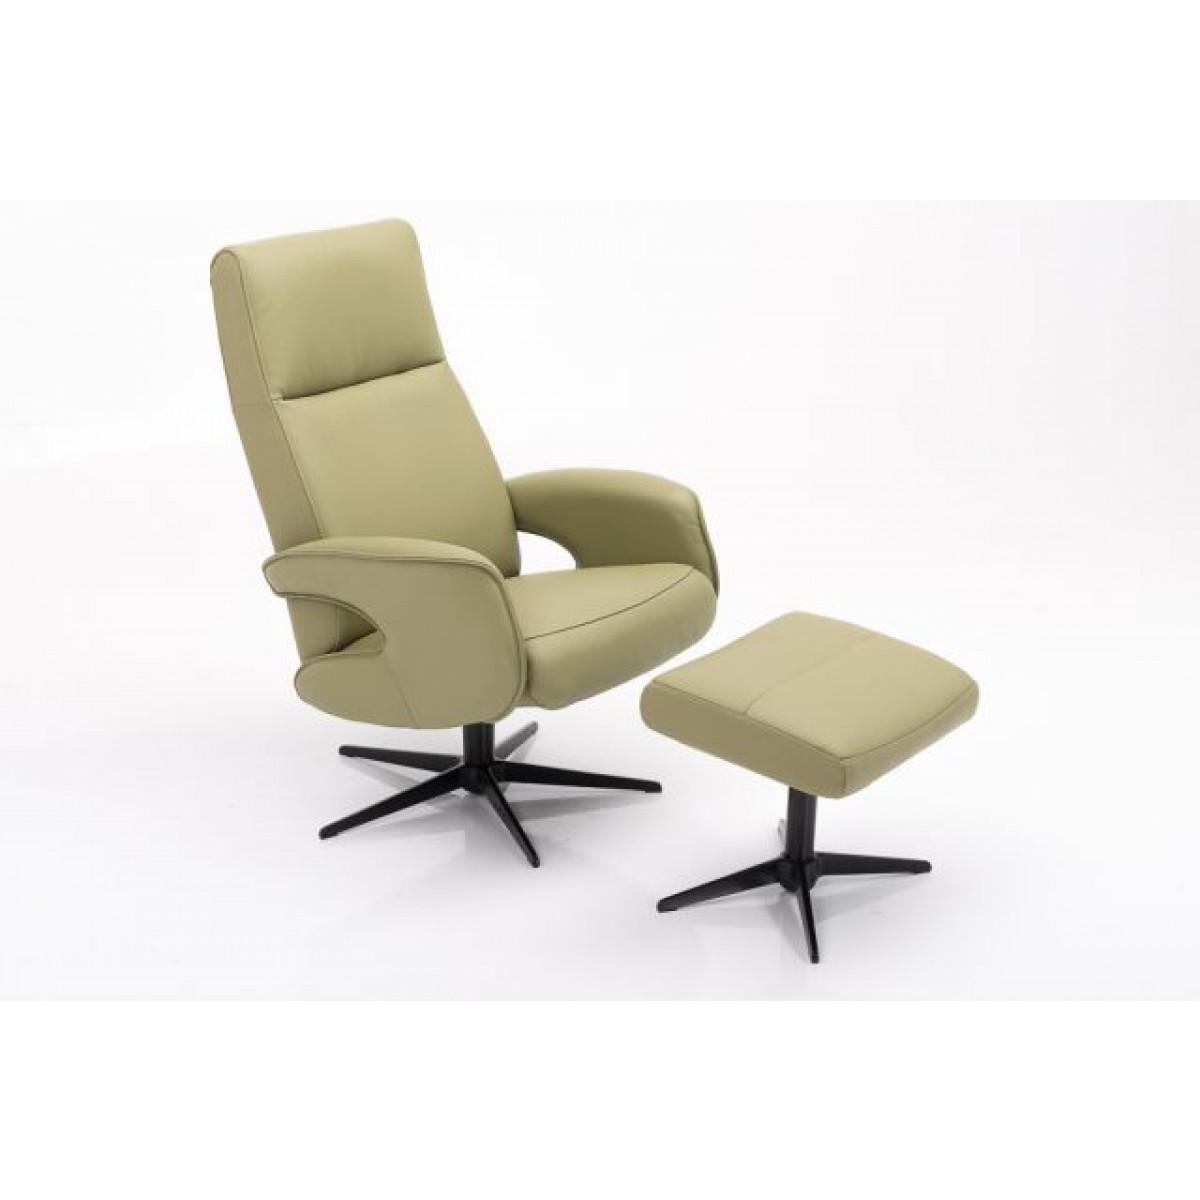 elan drehsessel hjort knudsen i live design preisg nstig online moebel kaufen. Black Bedroom Furniture Sets. Home Design Ideas